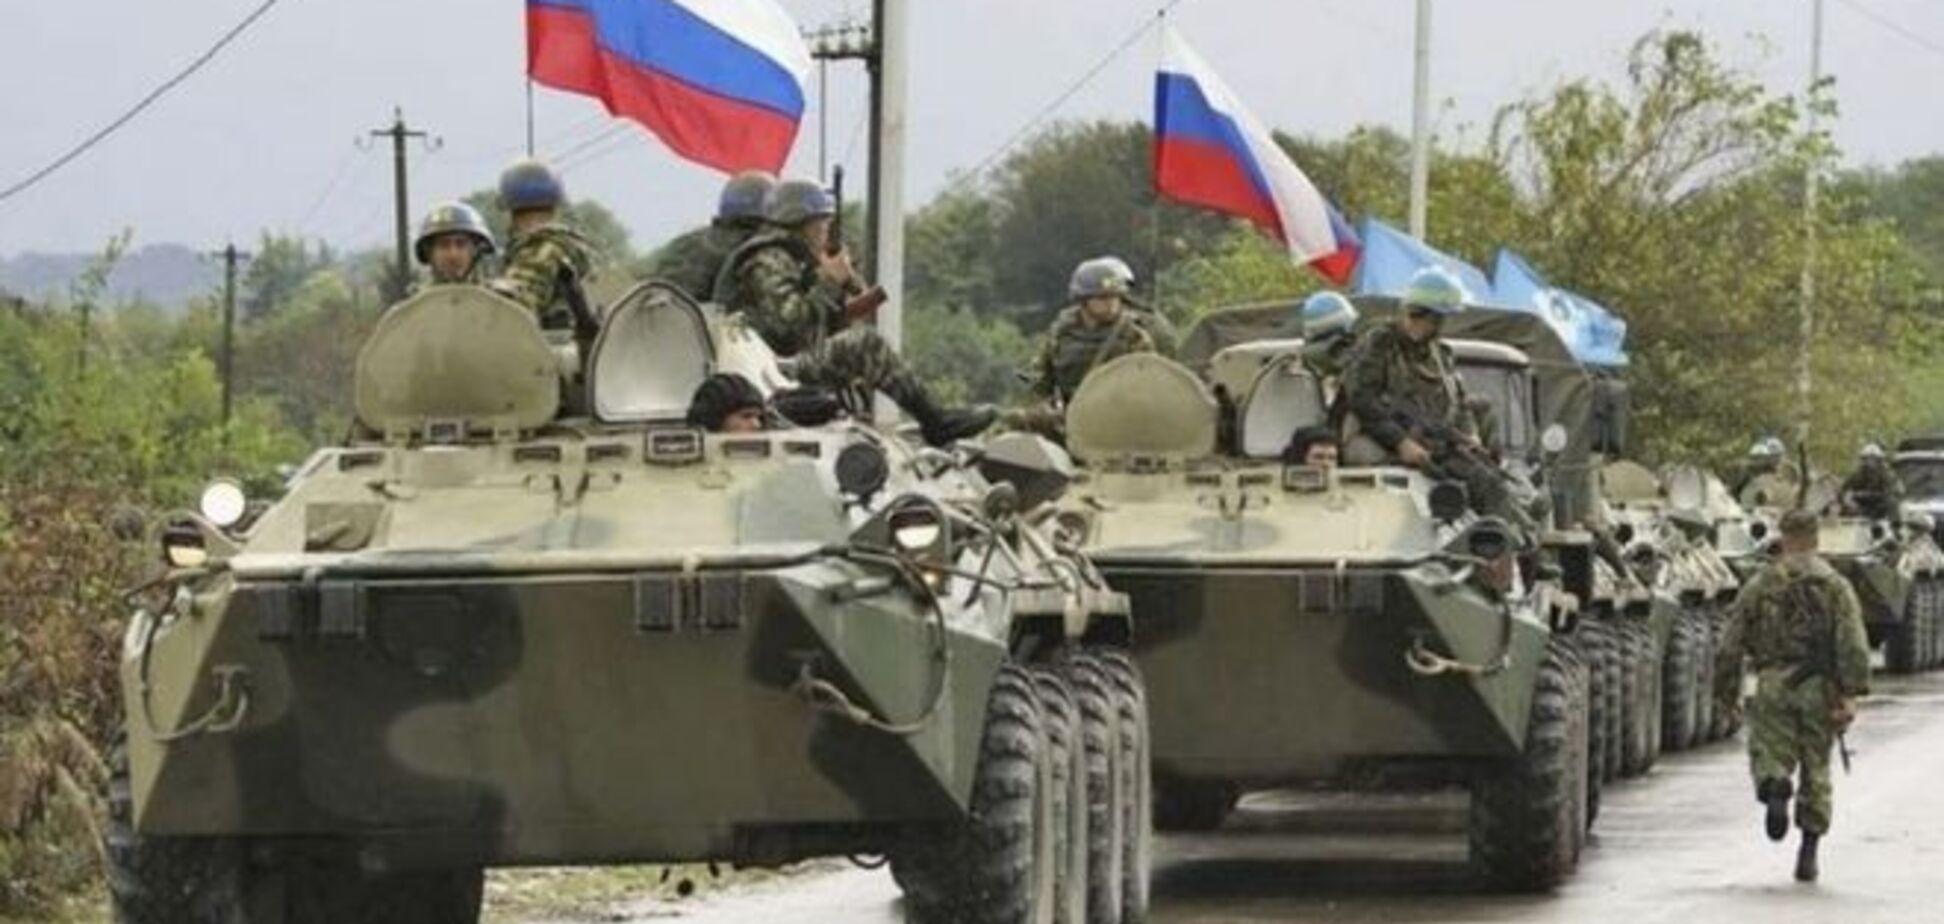 Минюст сообщил о 4,5 тысячах фактов нарушения прав человека Россией